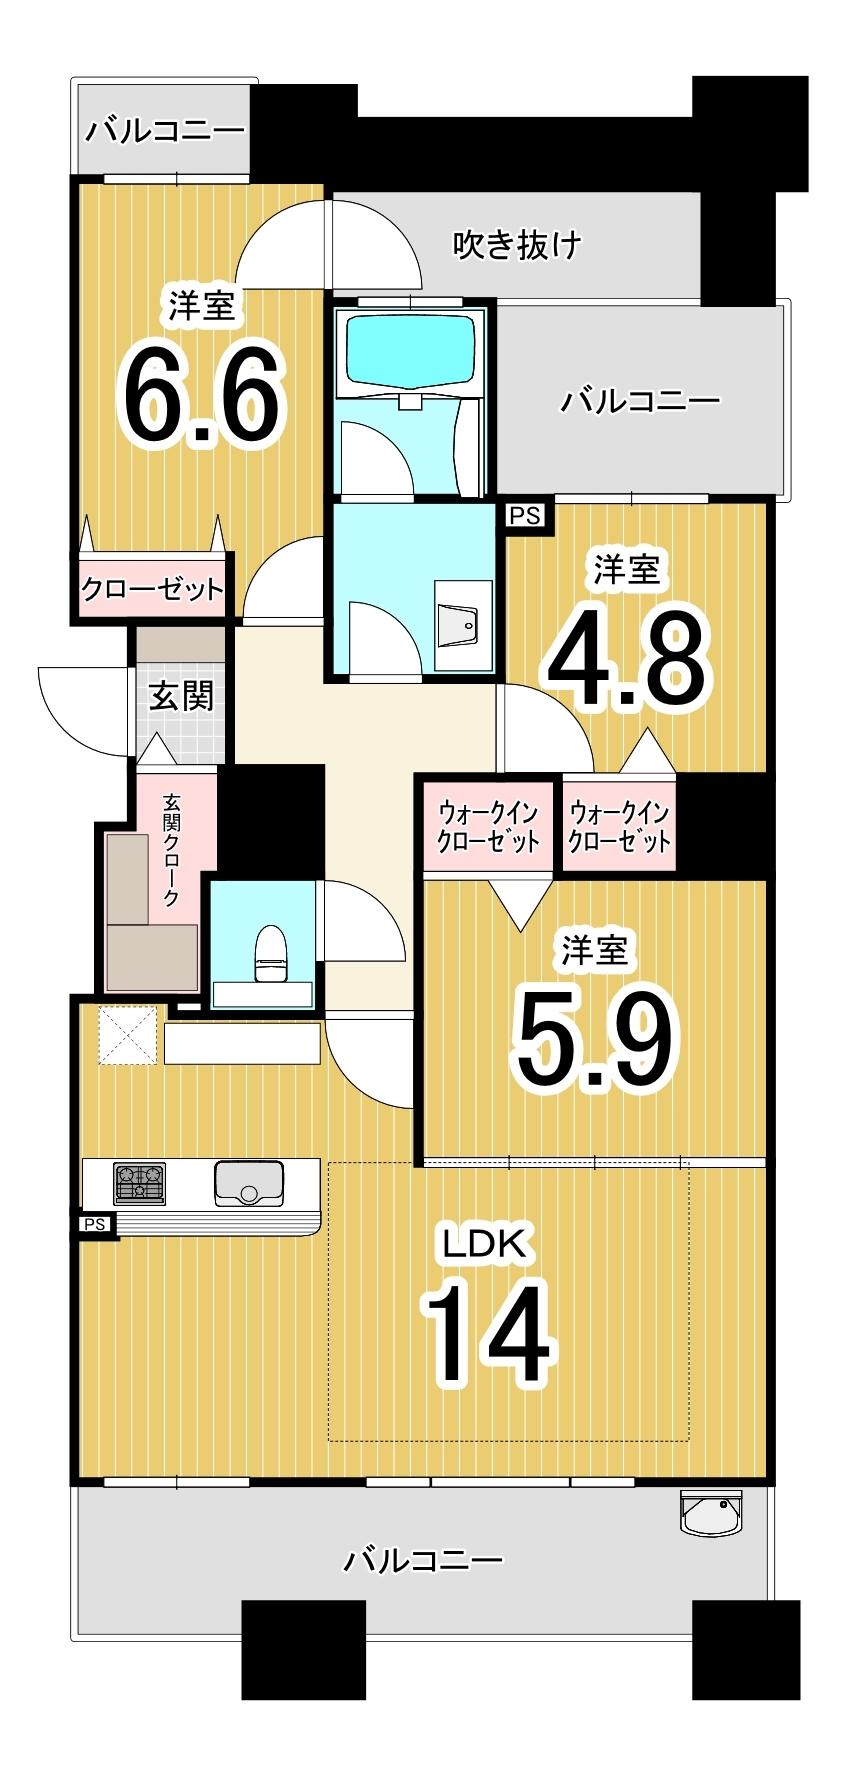 グランファーレ札幌山鼻グランフォレスト/札幌市中央区 画像3